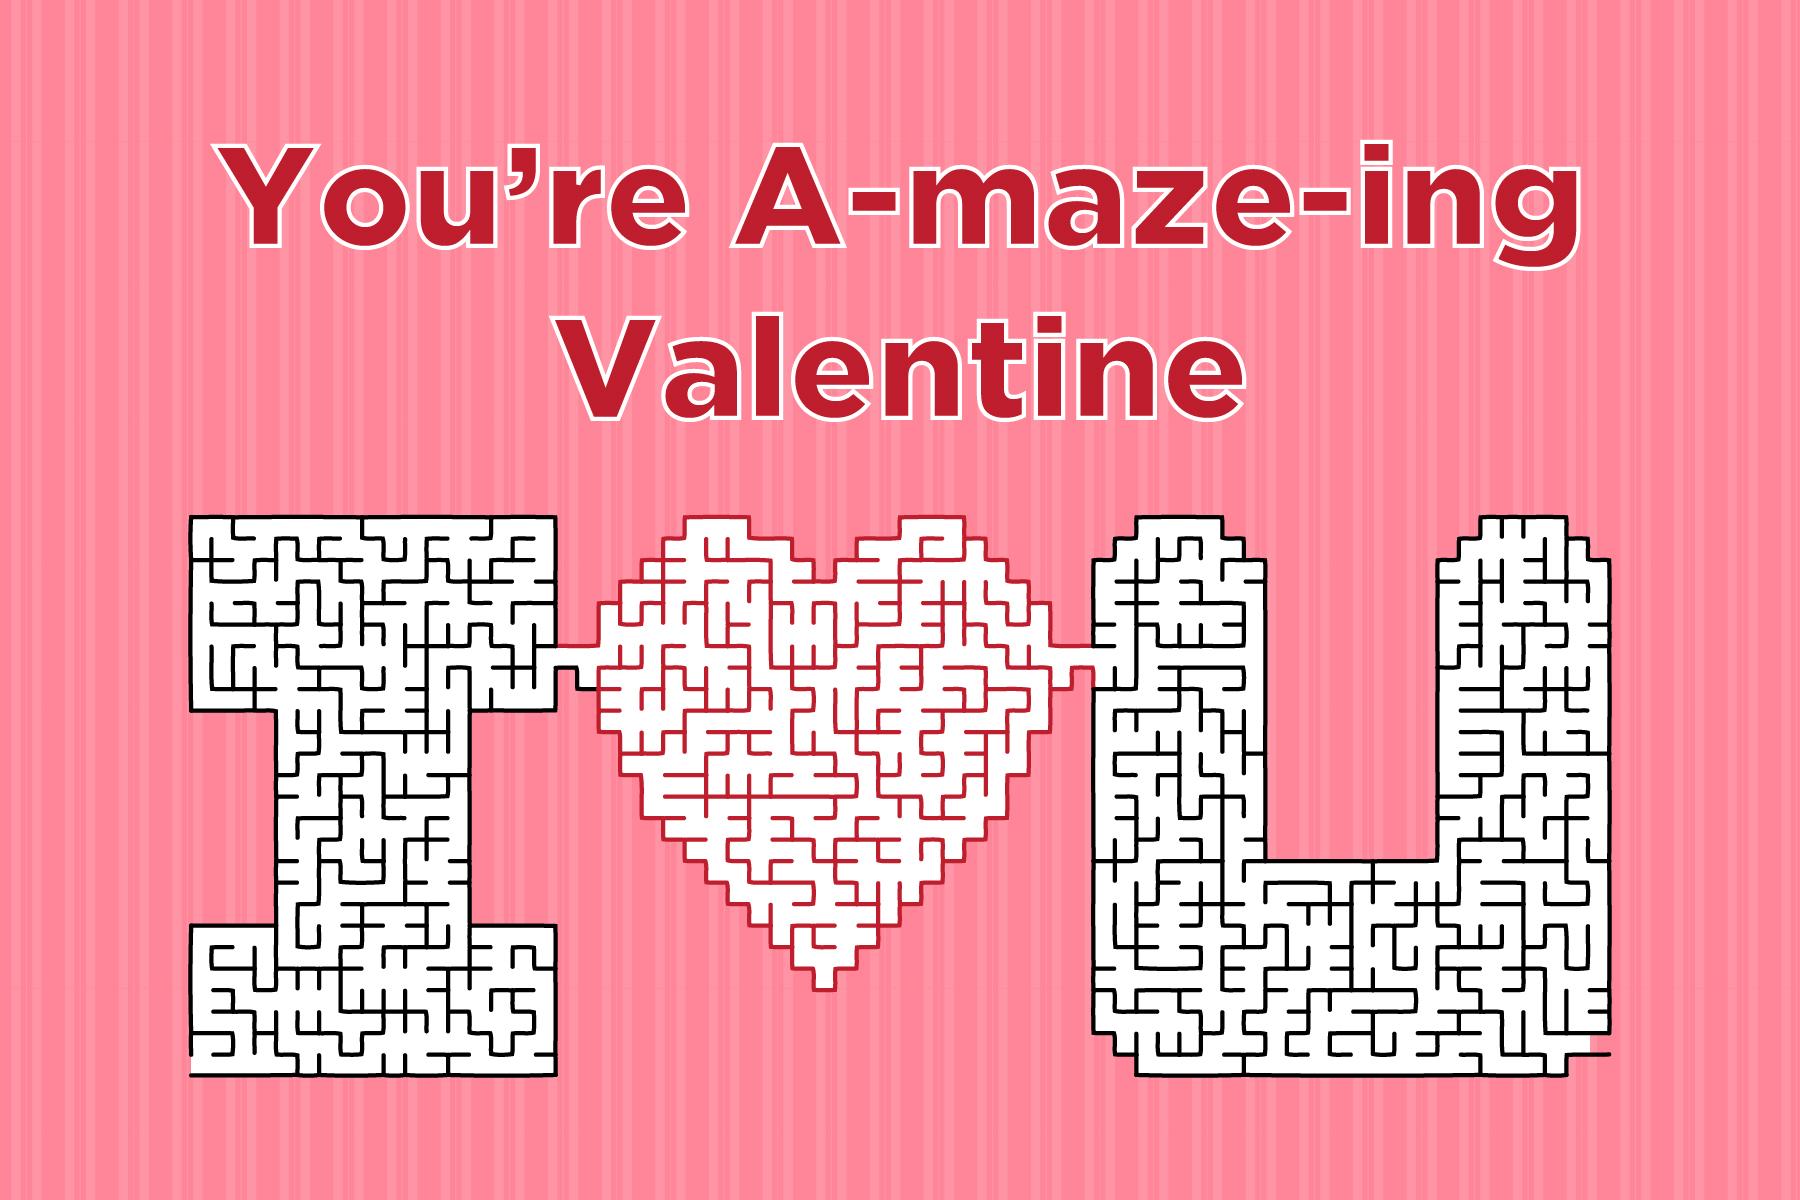 Schön Valentine A Maze Ing